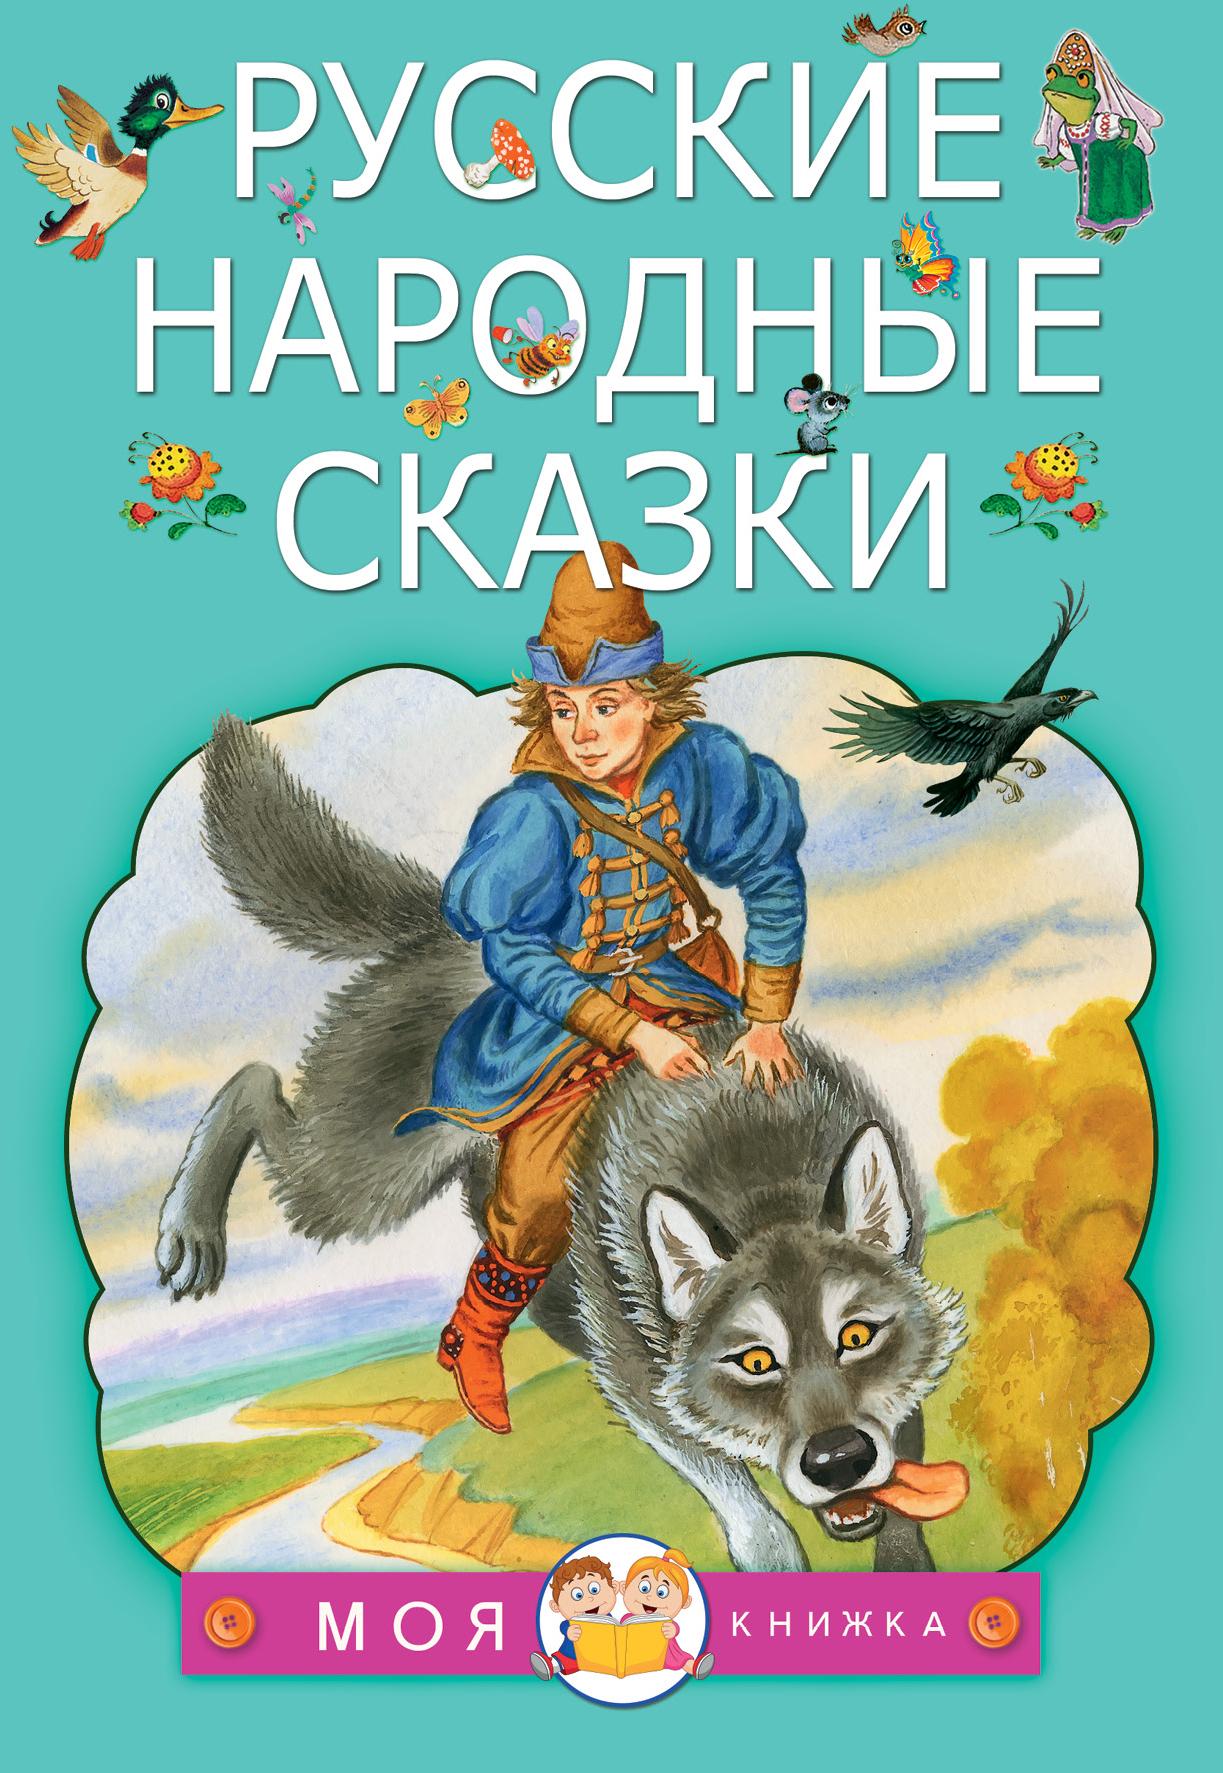 Список русских народных сказок для детей с названиями героев о животных, волшебные и бытовые